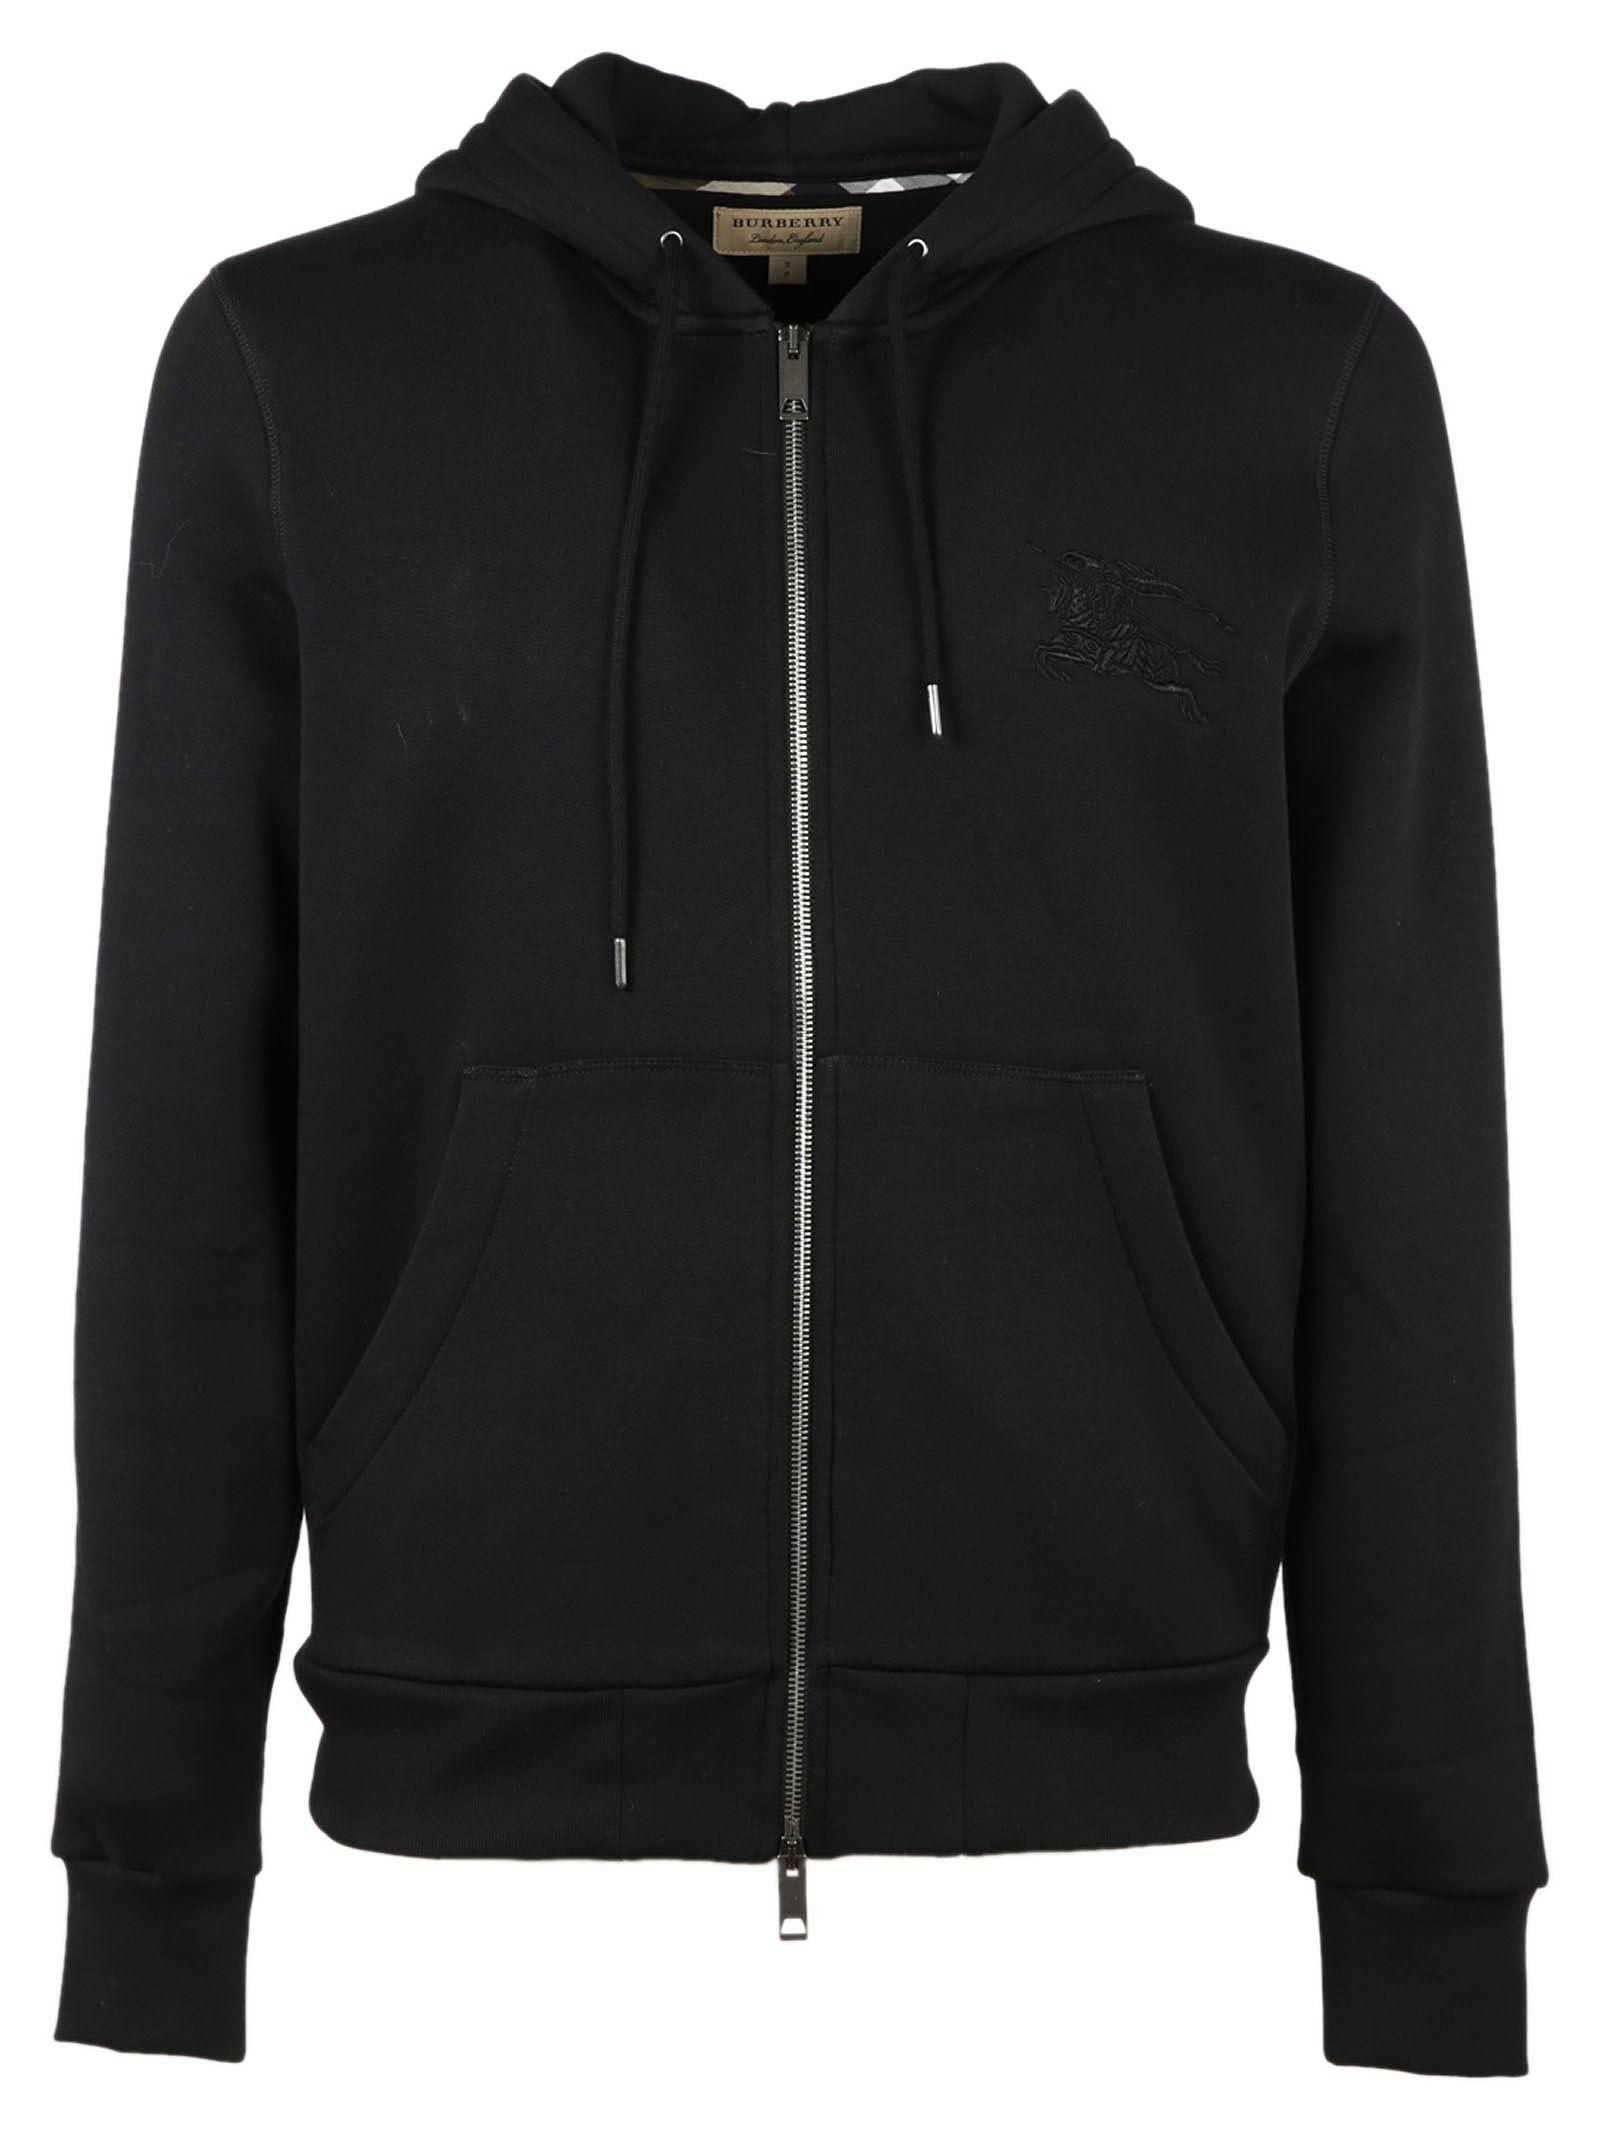 burberry hoodie black